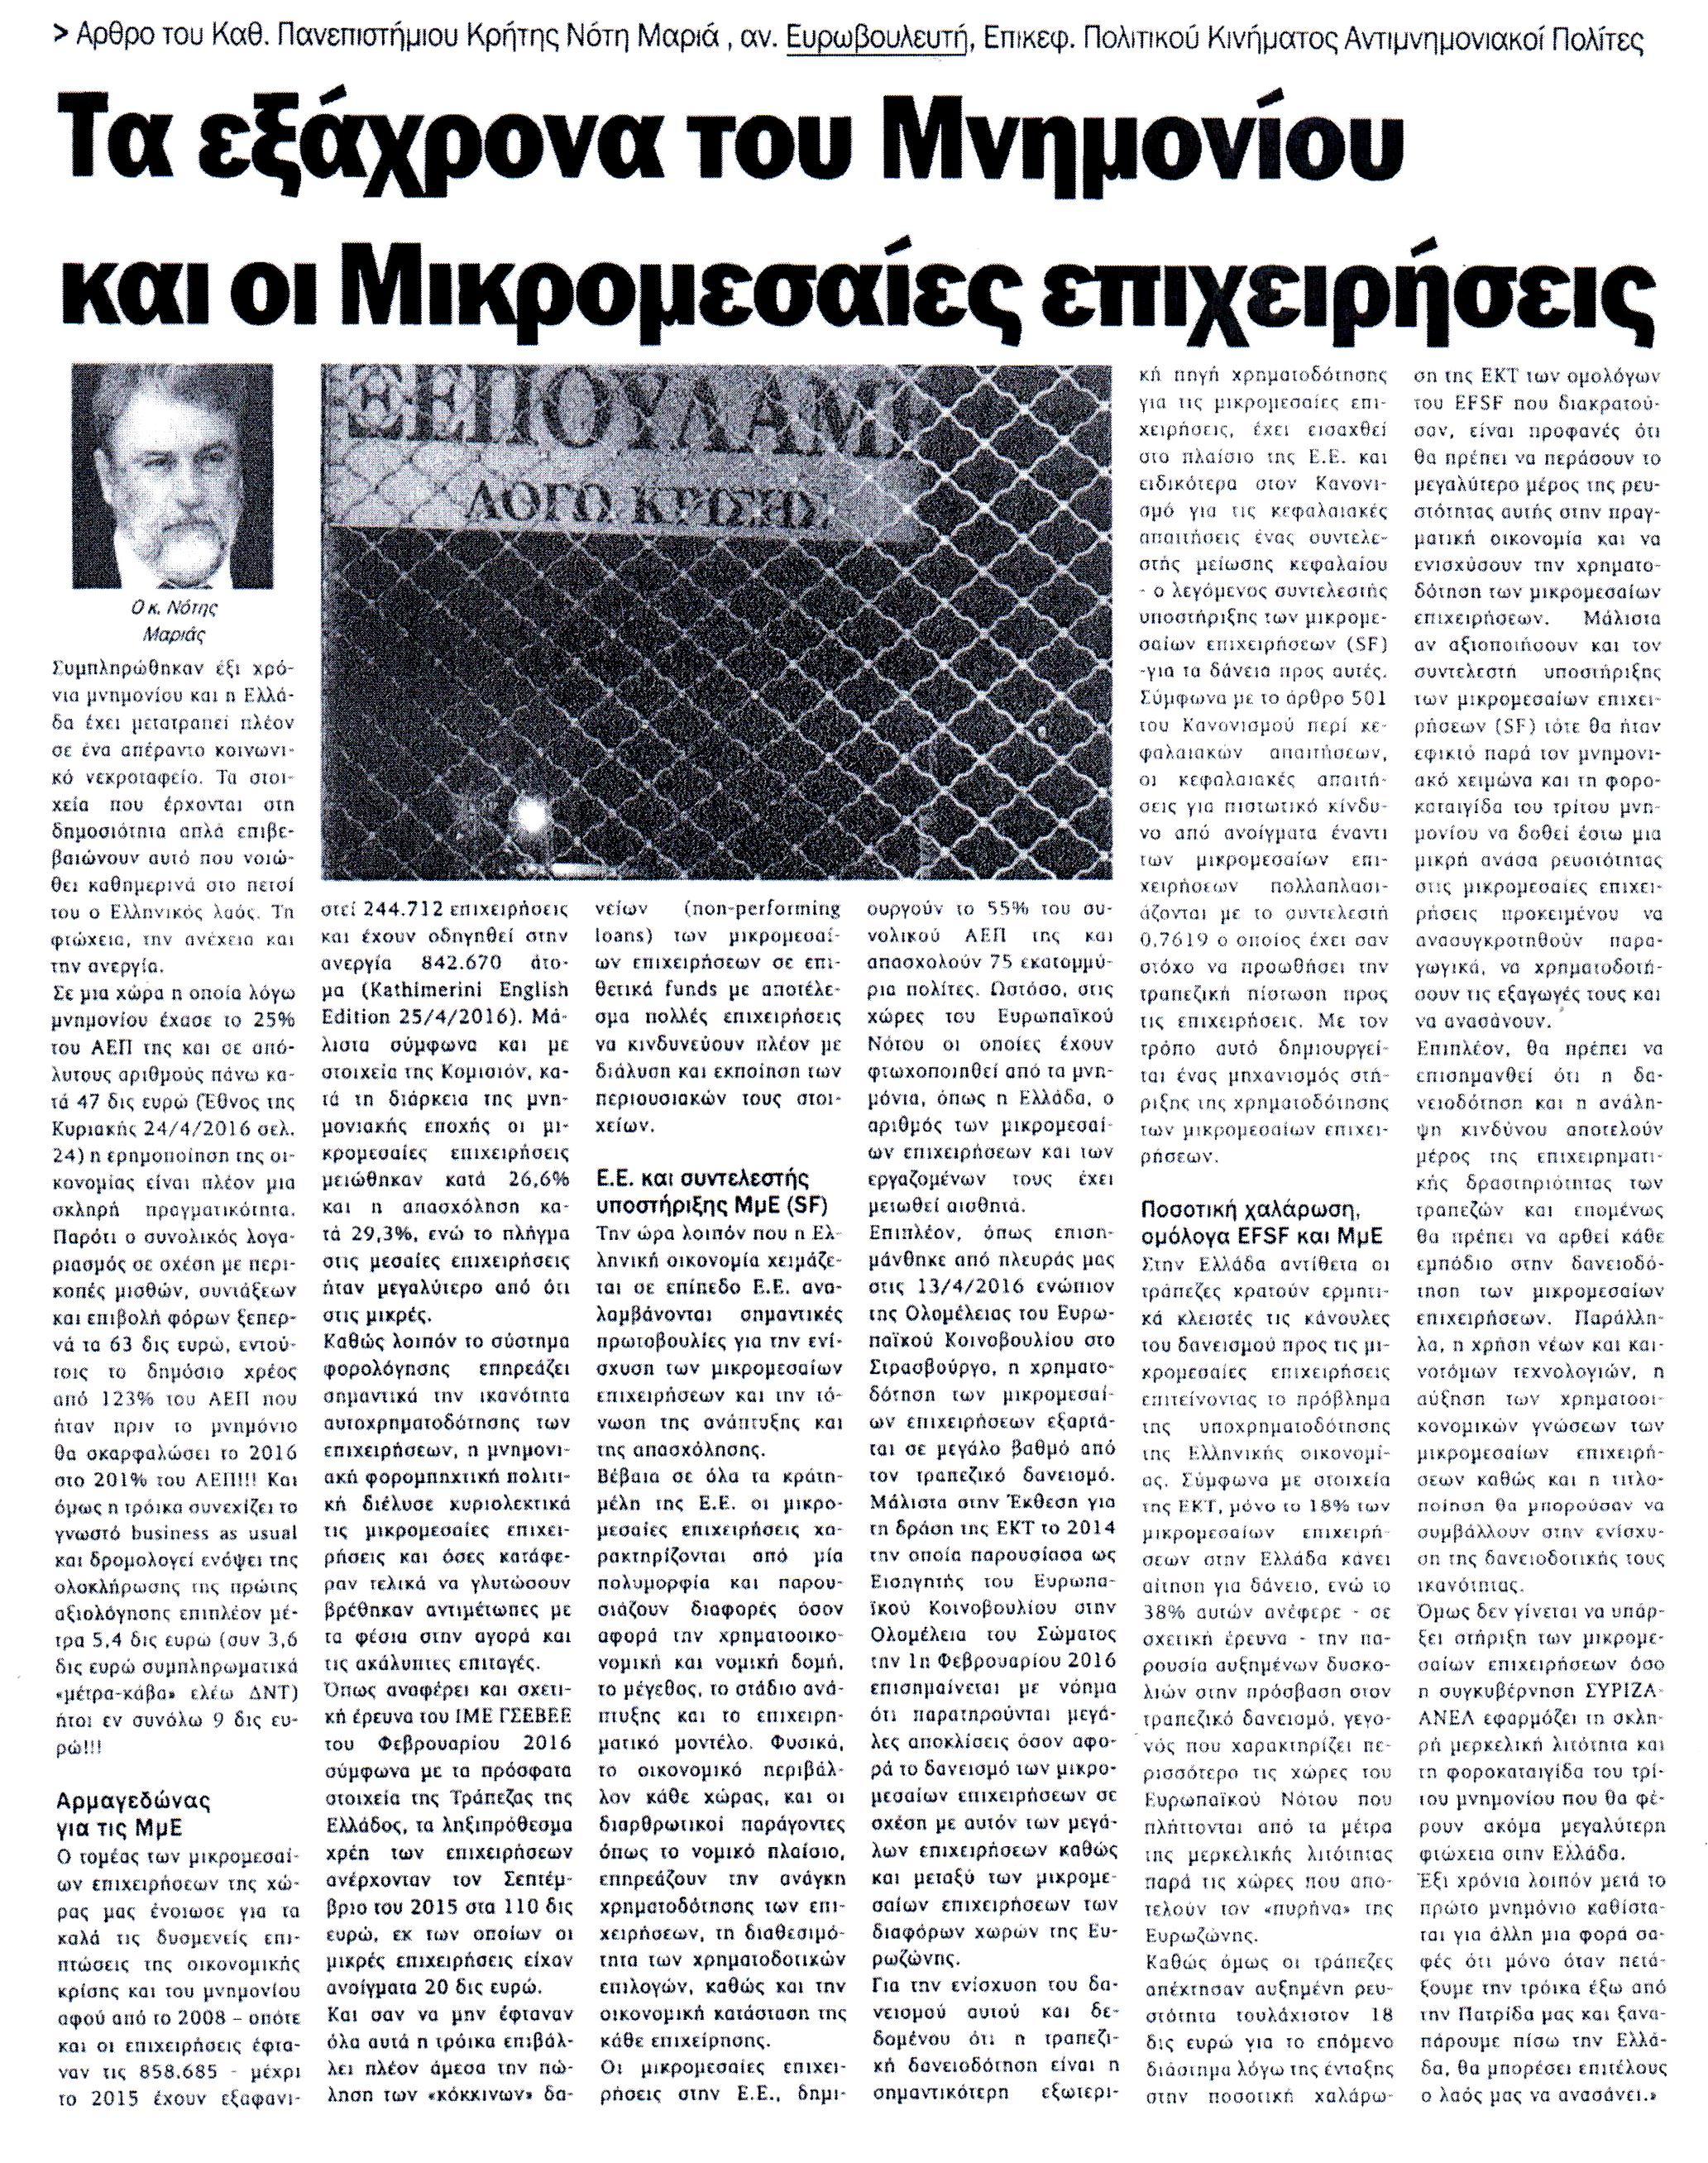 ΣΥΜΒΟΥΛΟΣ_ΕΠΙΧΕΙΡΗΣΕΩΝ_06_05_2016